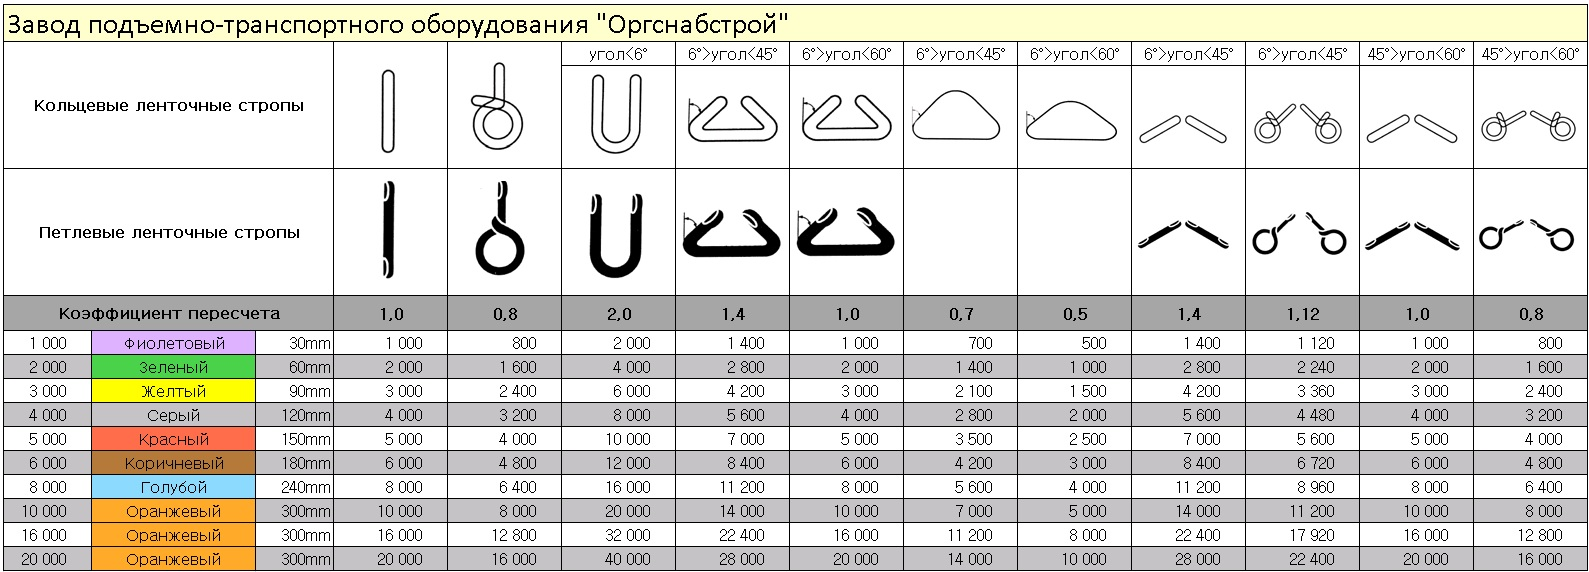 Инструкция По Охране Труда По Эксплуатации Грузозахватных Приспособлений В Украине